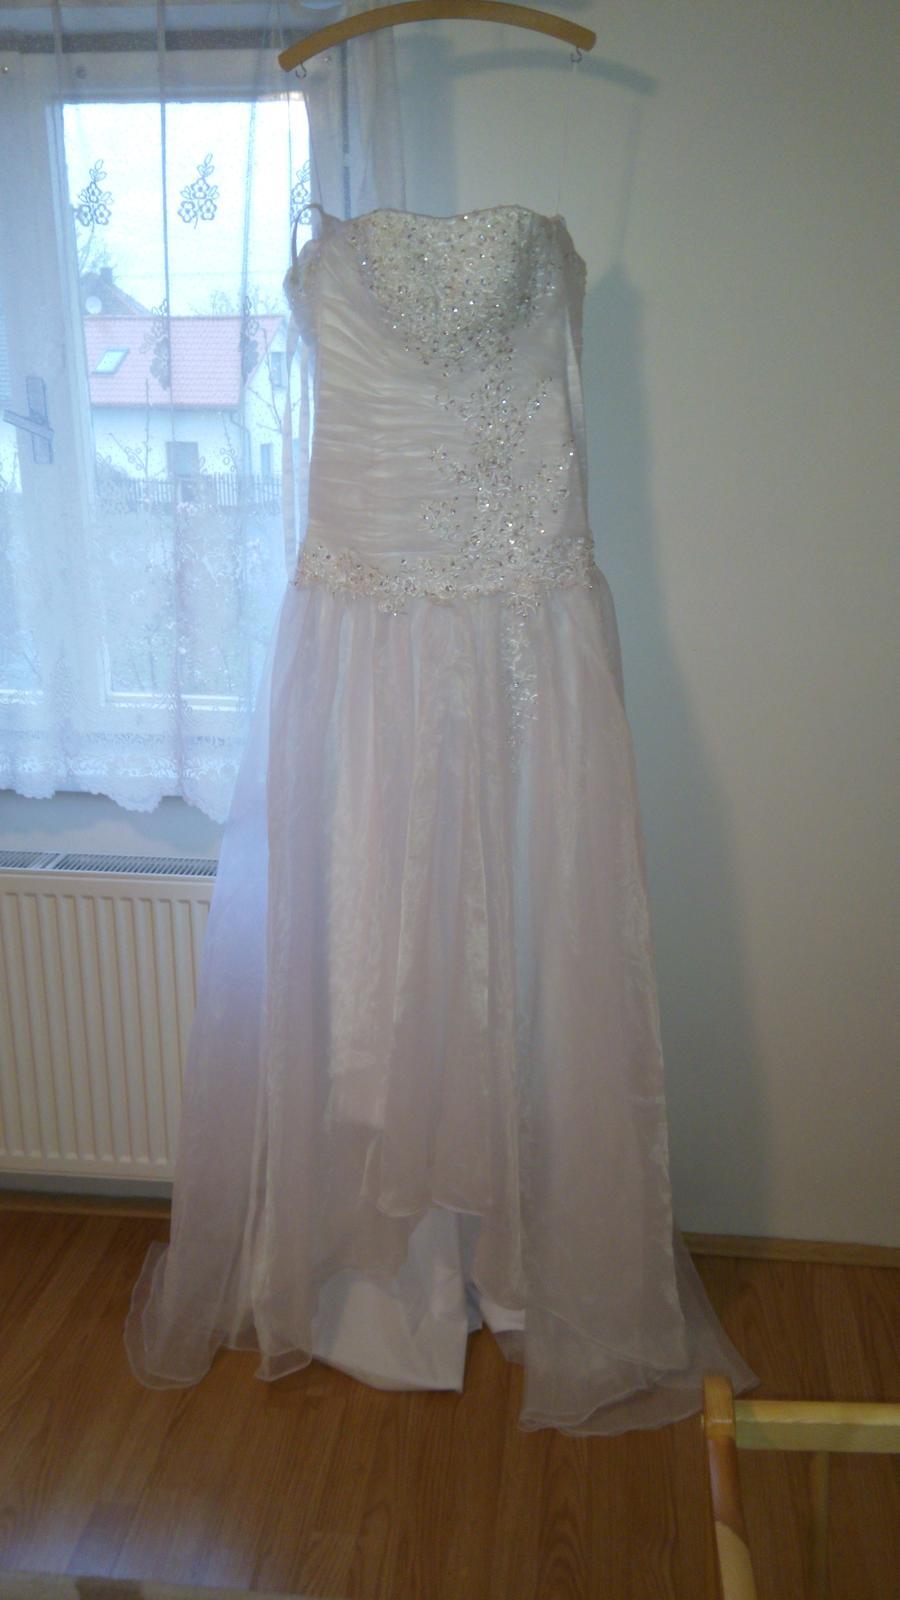 bílé svatební šaty s vlečkou (vel.36-38) - Obrázek č. 1